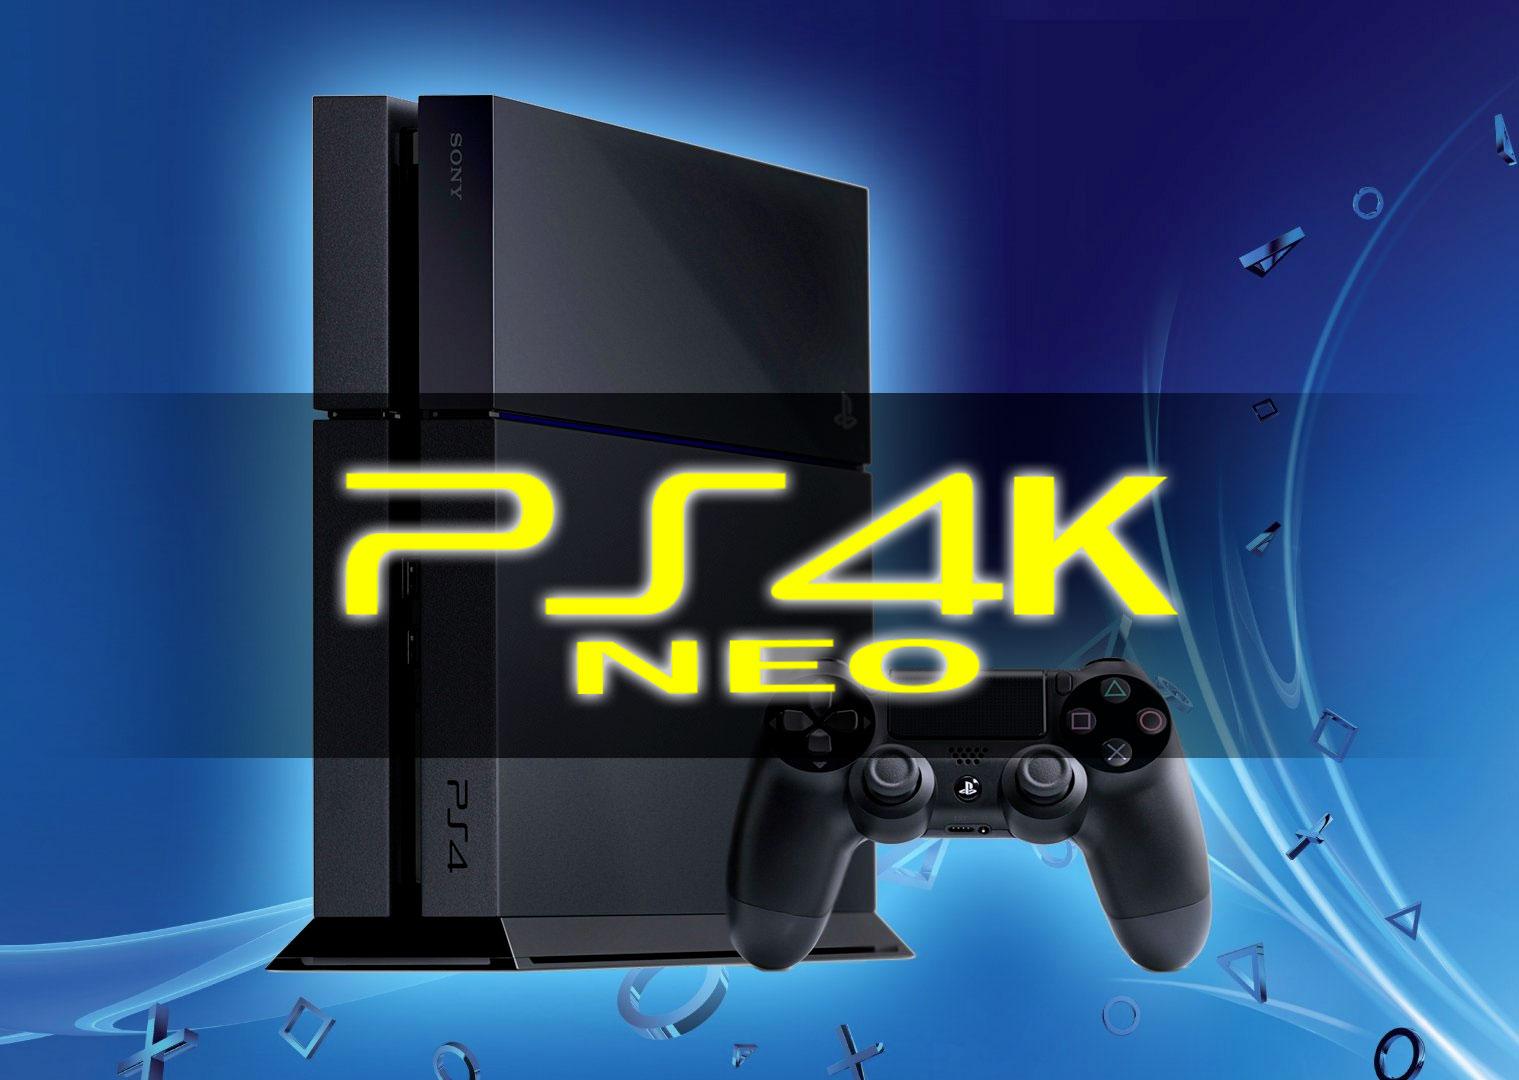 PlayStation 4 Neo, Sony progetta la console 4k per la realtà virtuale